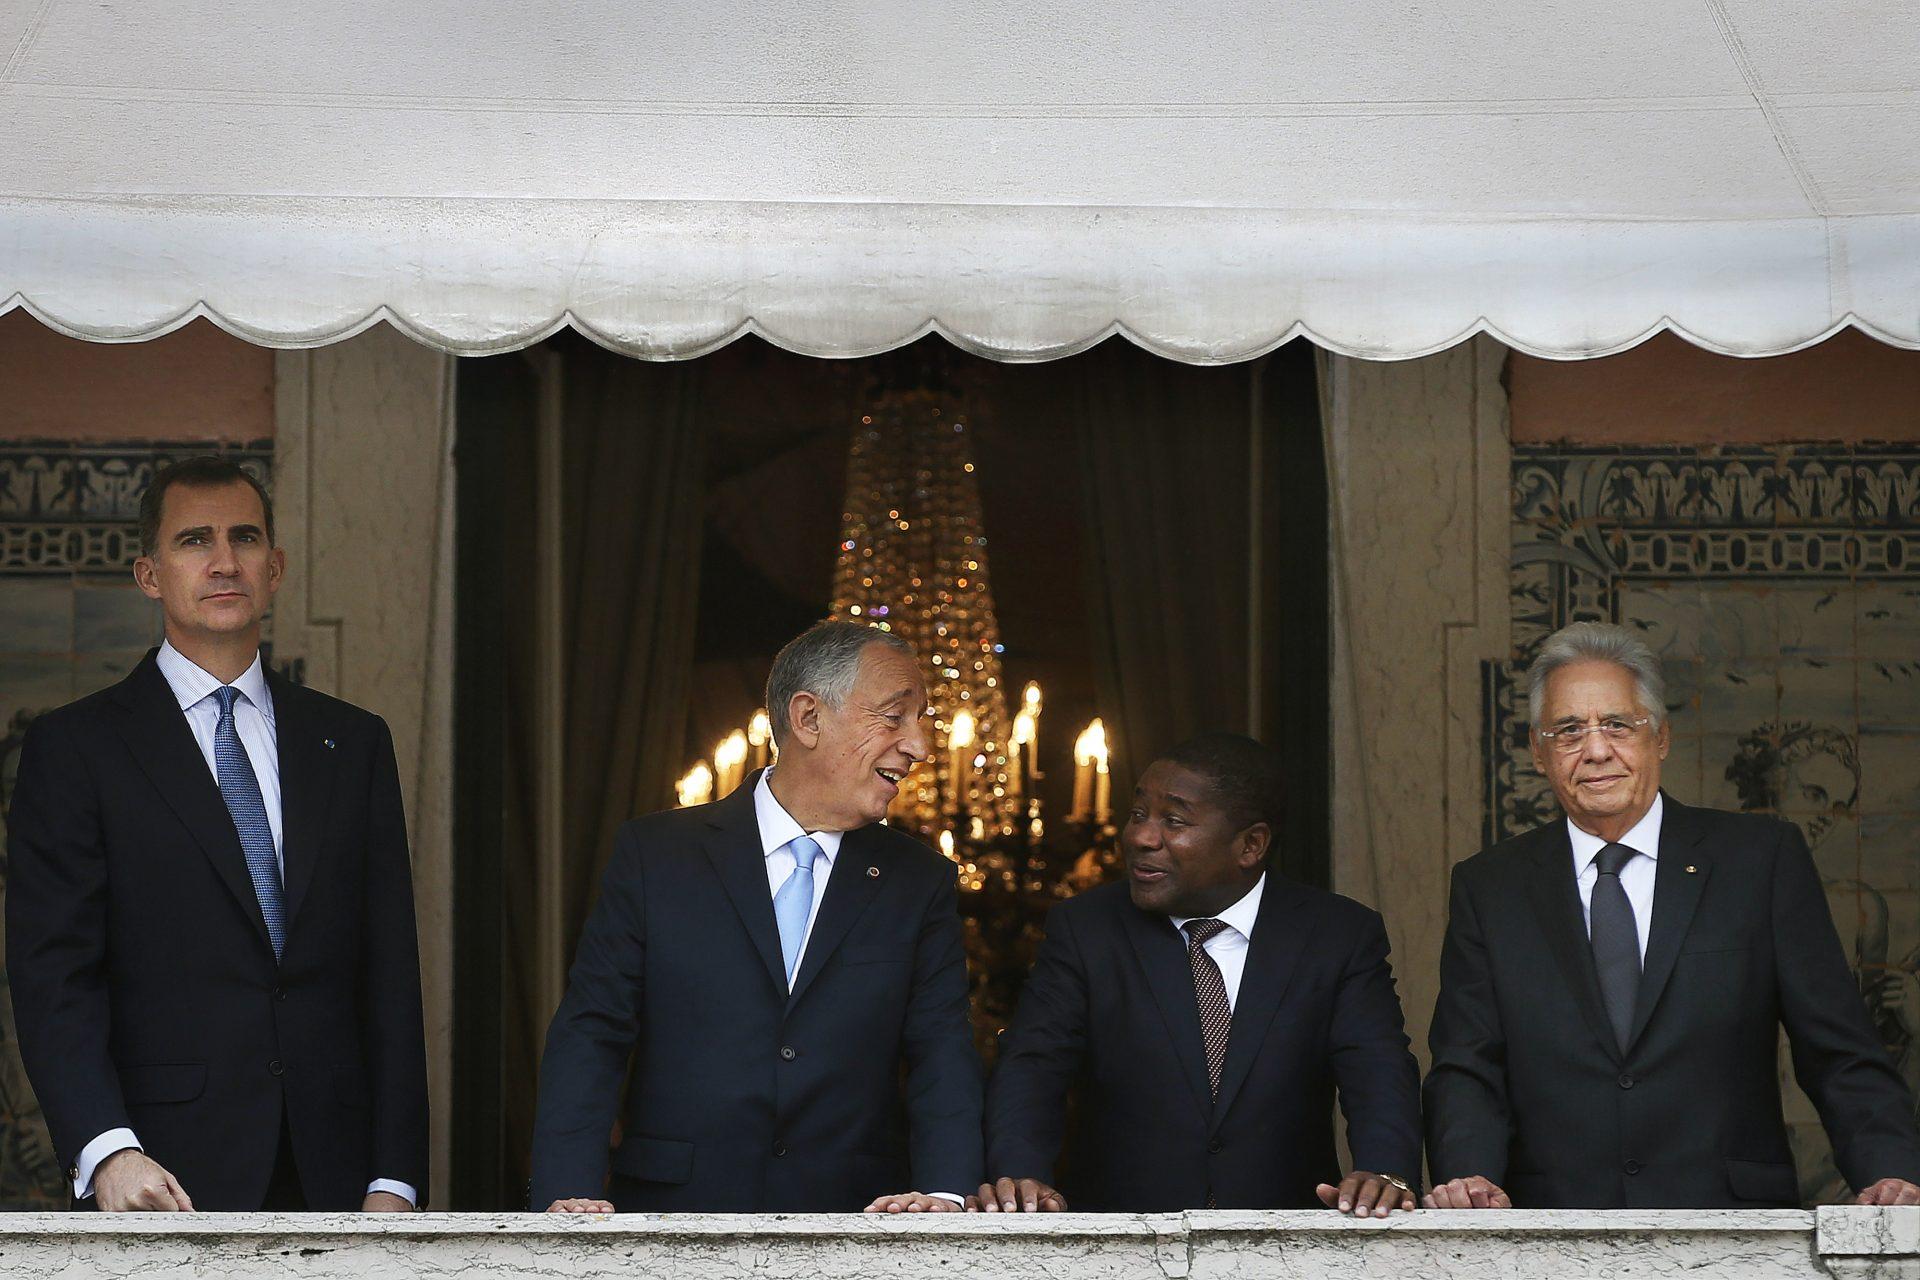 Presidente de Portugal chega a Moçambique na segunda-feira para cinco dias de visita